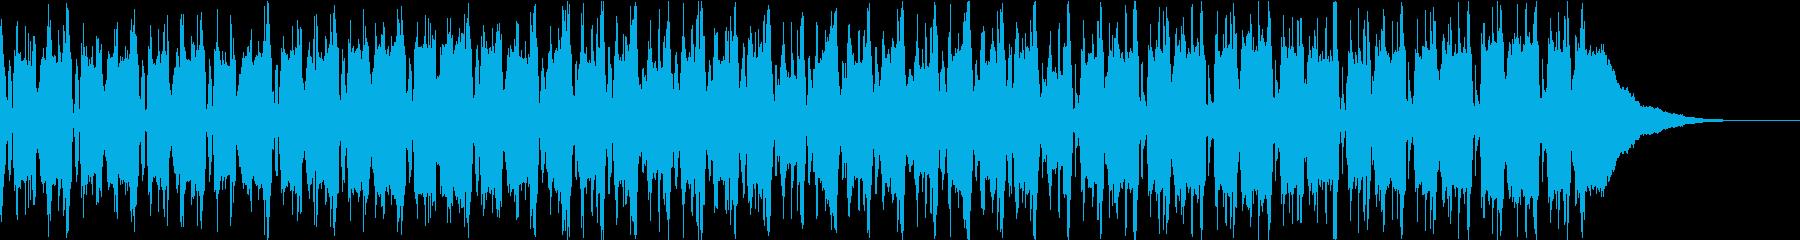 Pf「売買」和風現代ジャズの再生済みの波形